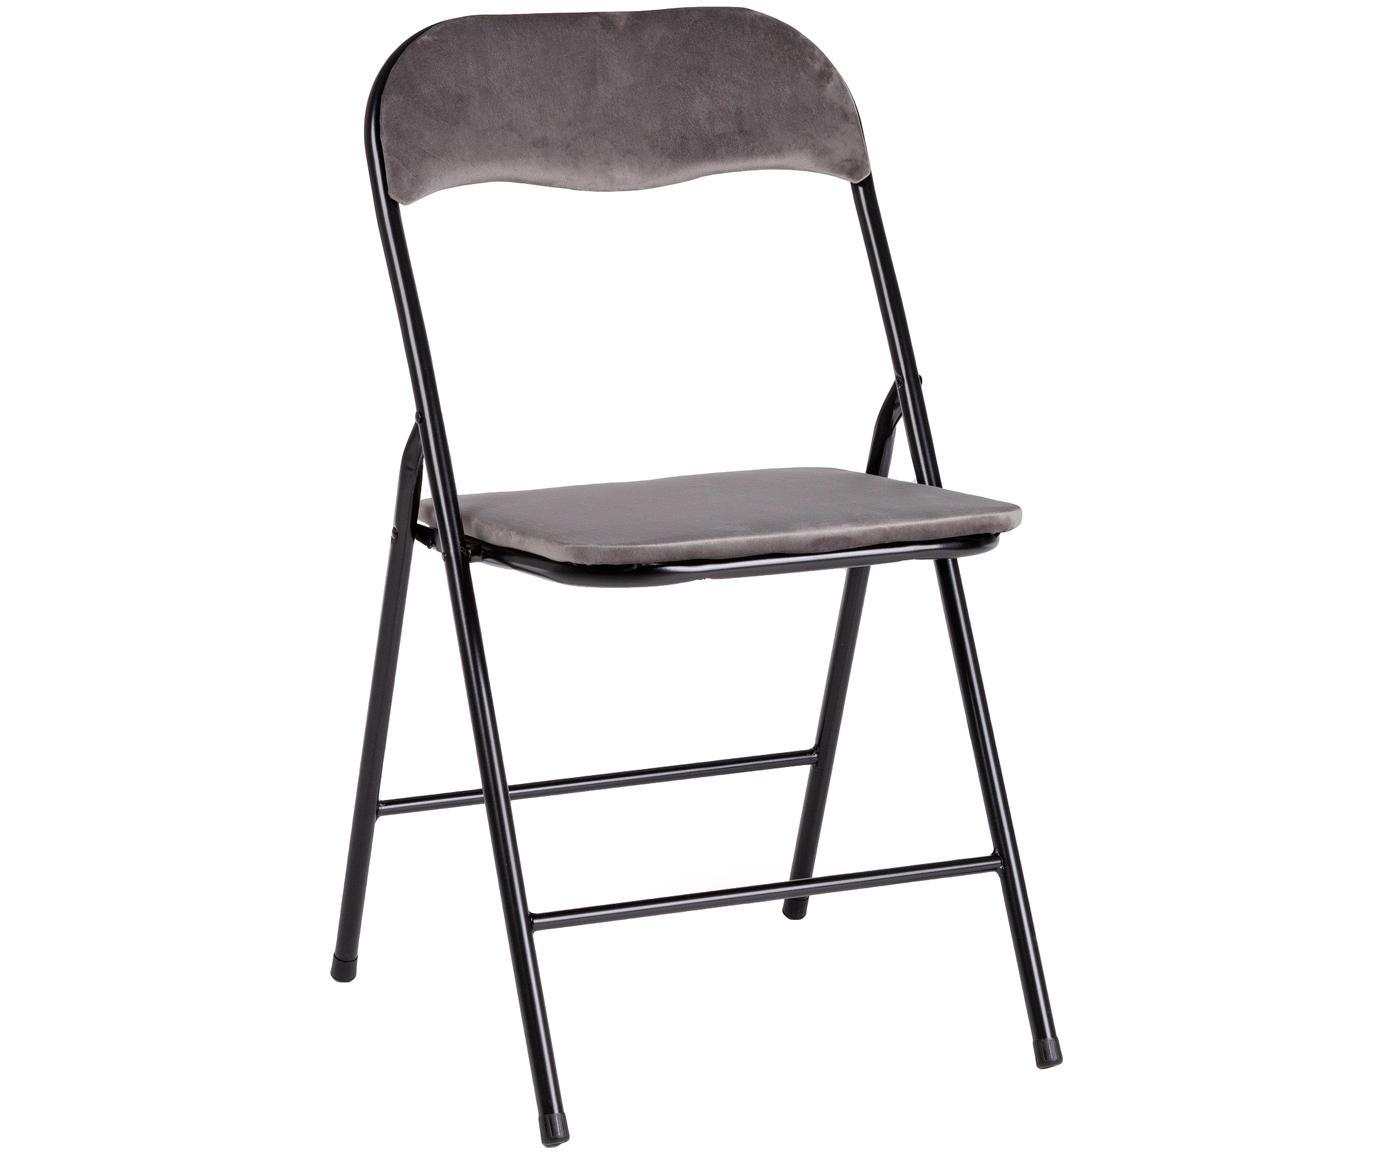 Sedia pieghevole in velluto Amal, Rivestimento: velluto di poliestere, Struttura: metallo verniciato a polv, Grigio, Larg. 44 x Prof. 44 cm